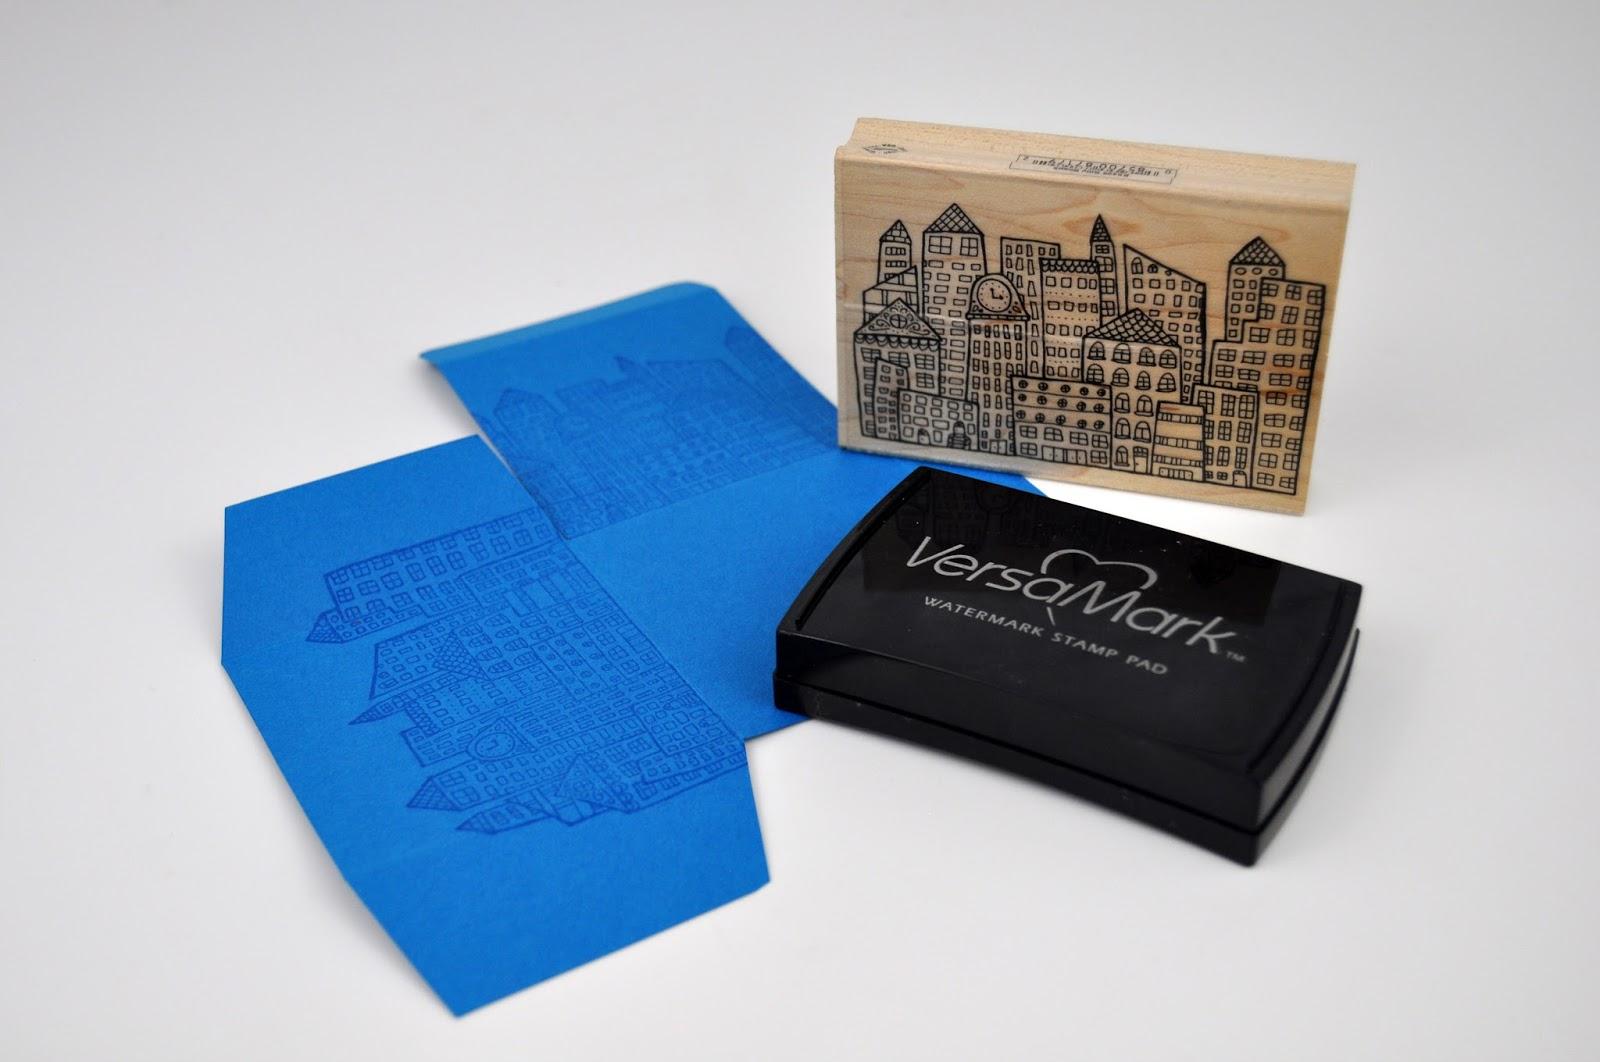 Spellbinders die cut Robot Gift Box by www.jengallacher.com #teamspellbinders #jengallacher #diecutting #giftbox